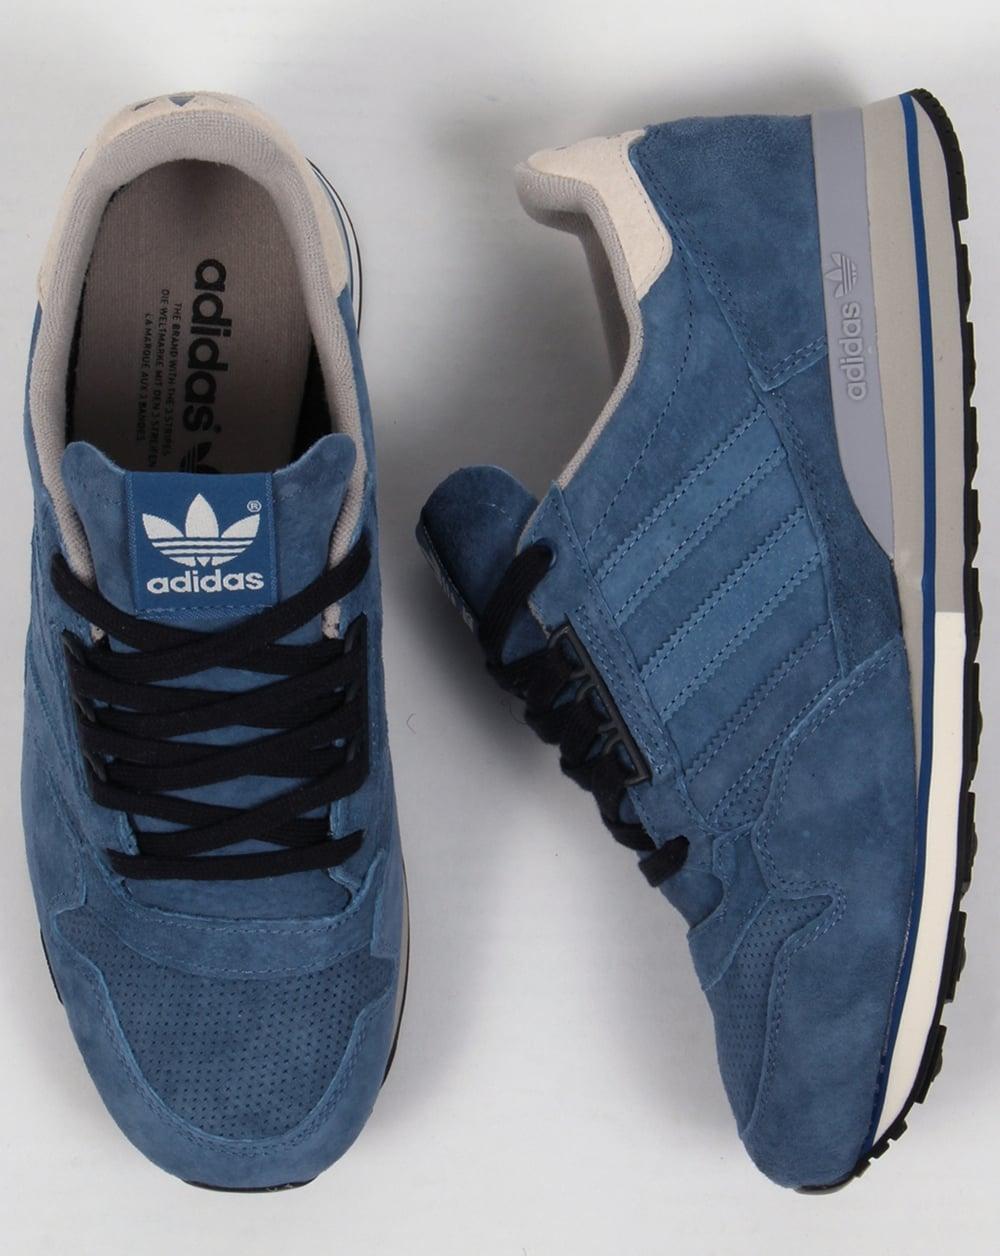 adidas originals zx 500 og blue